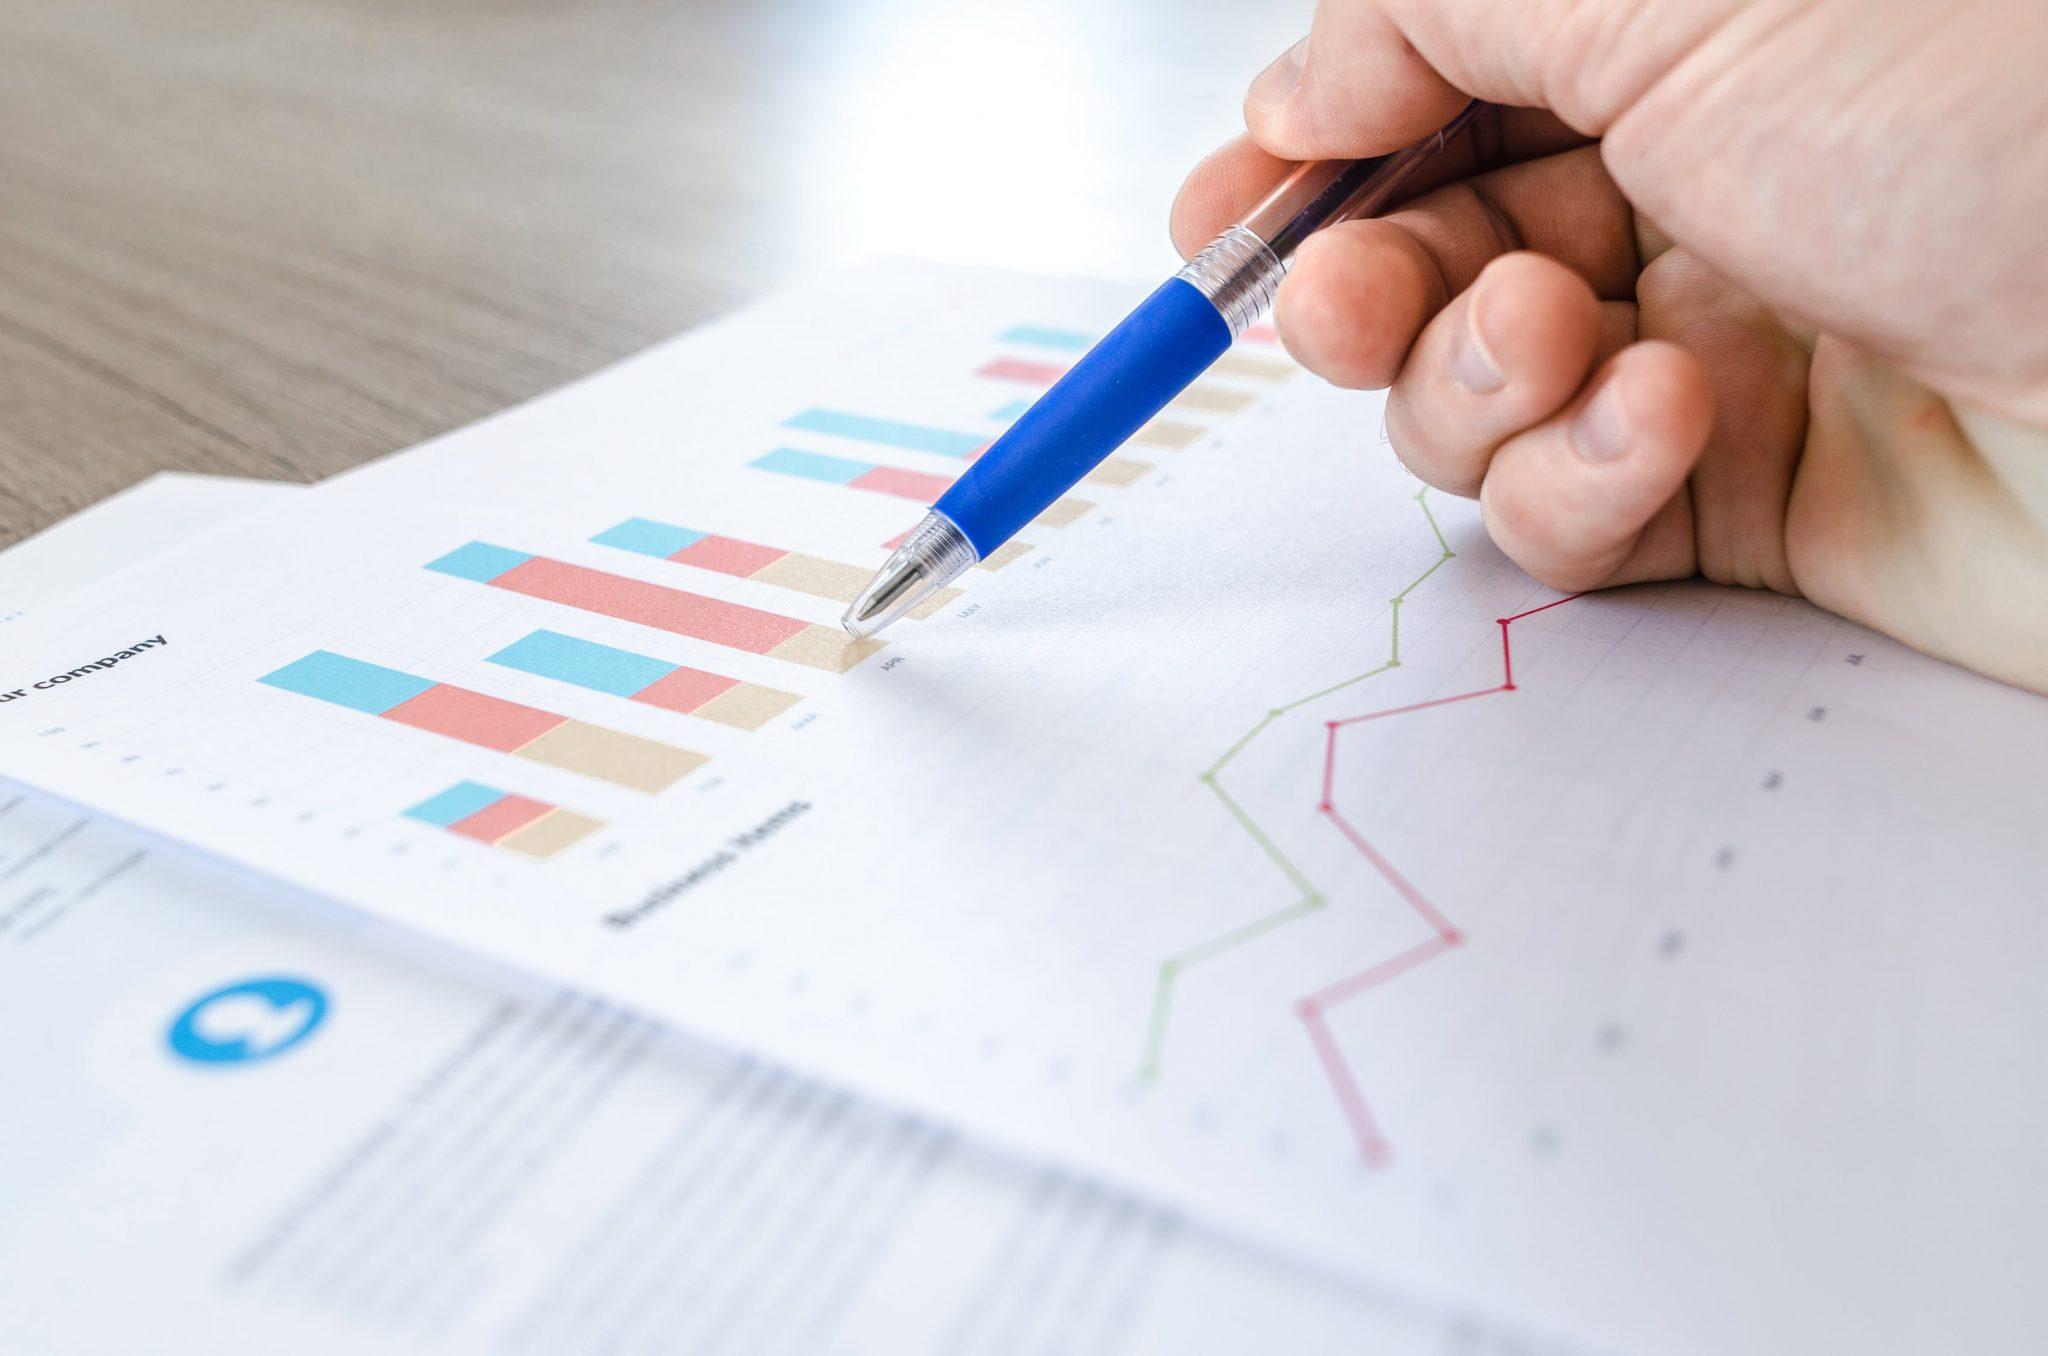 «IN-HOUSE» или агентство:  как проводить маркетинговые исследования с выгодой для бизнеса